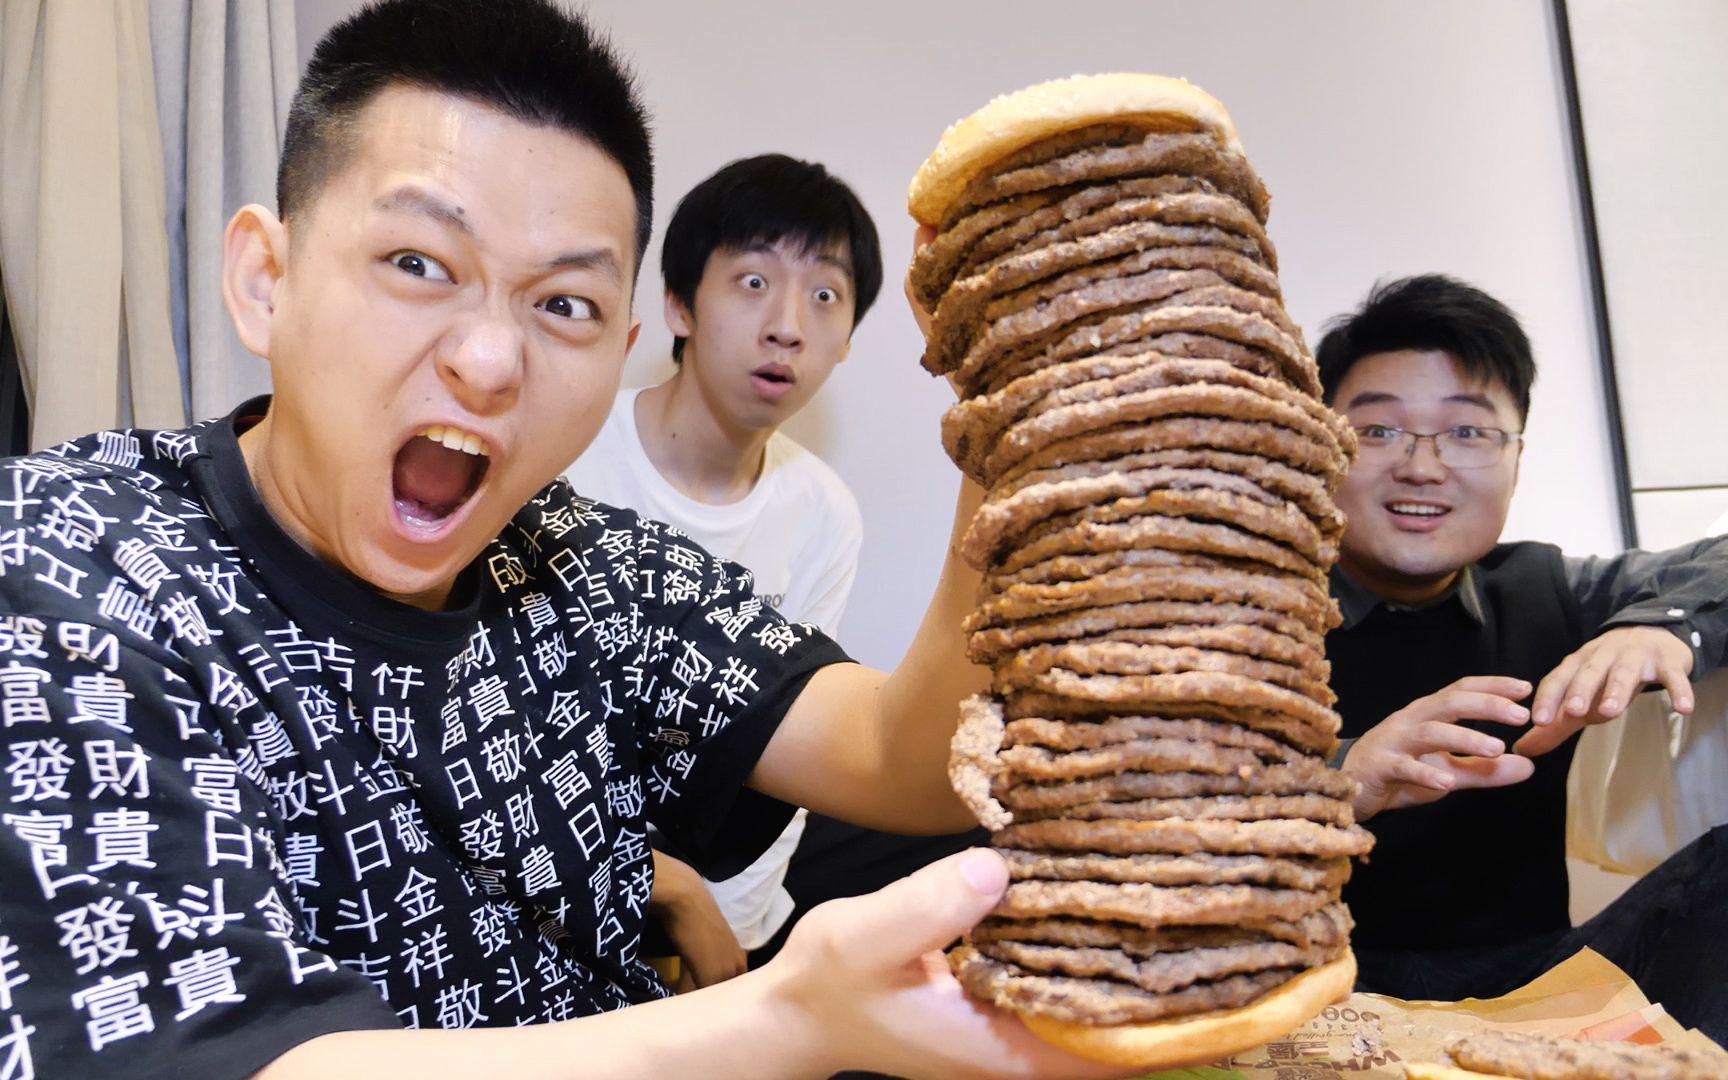 挑戰五十層肉餅的巨型漢堡!三個吃播能夠挑戰成功嗎?